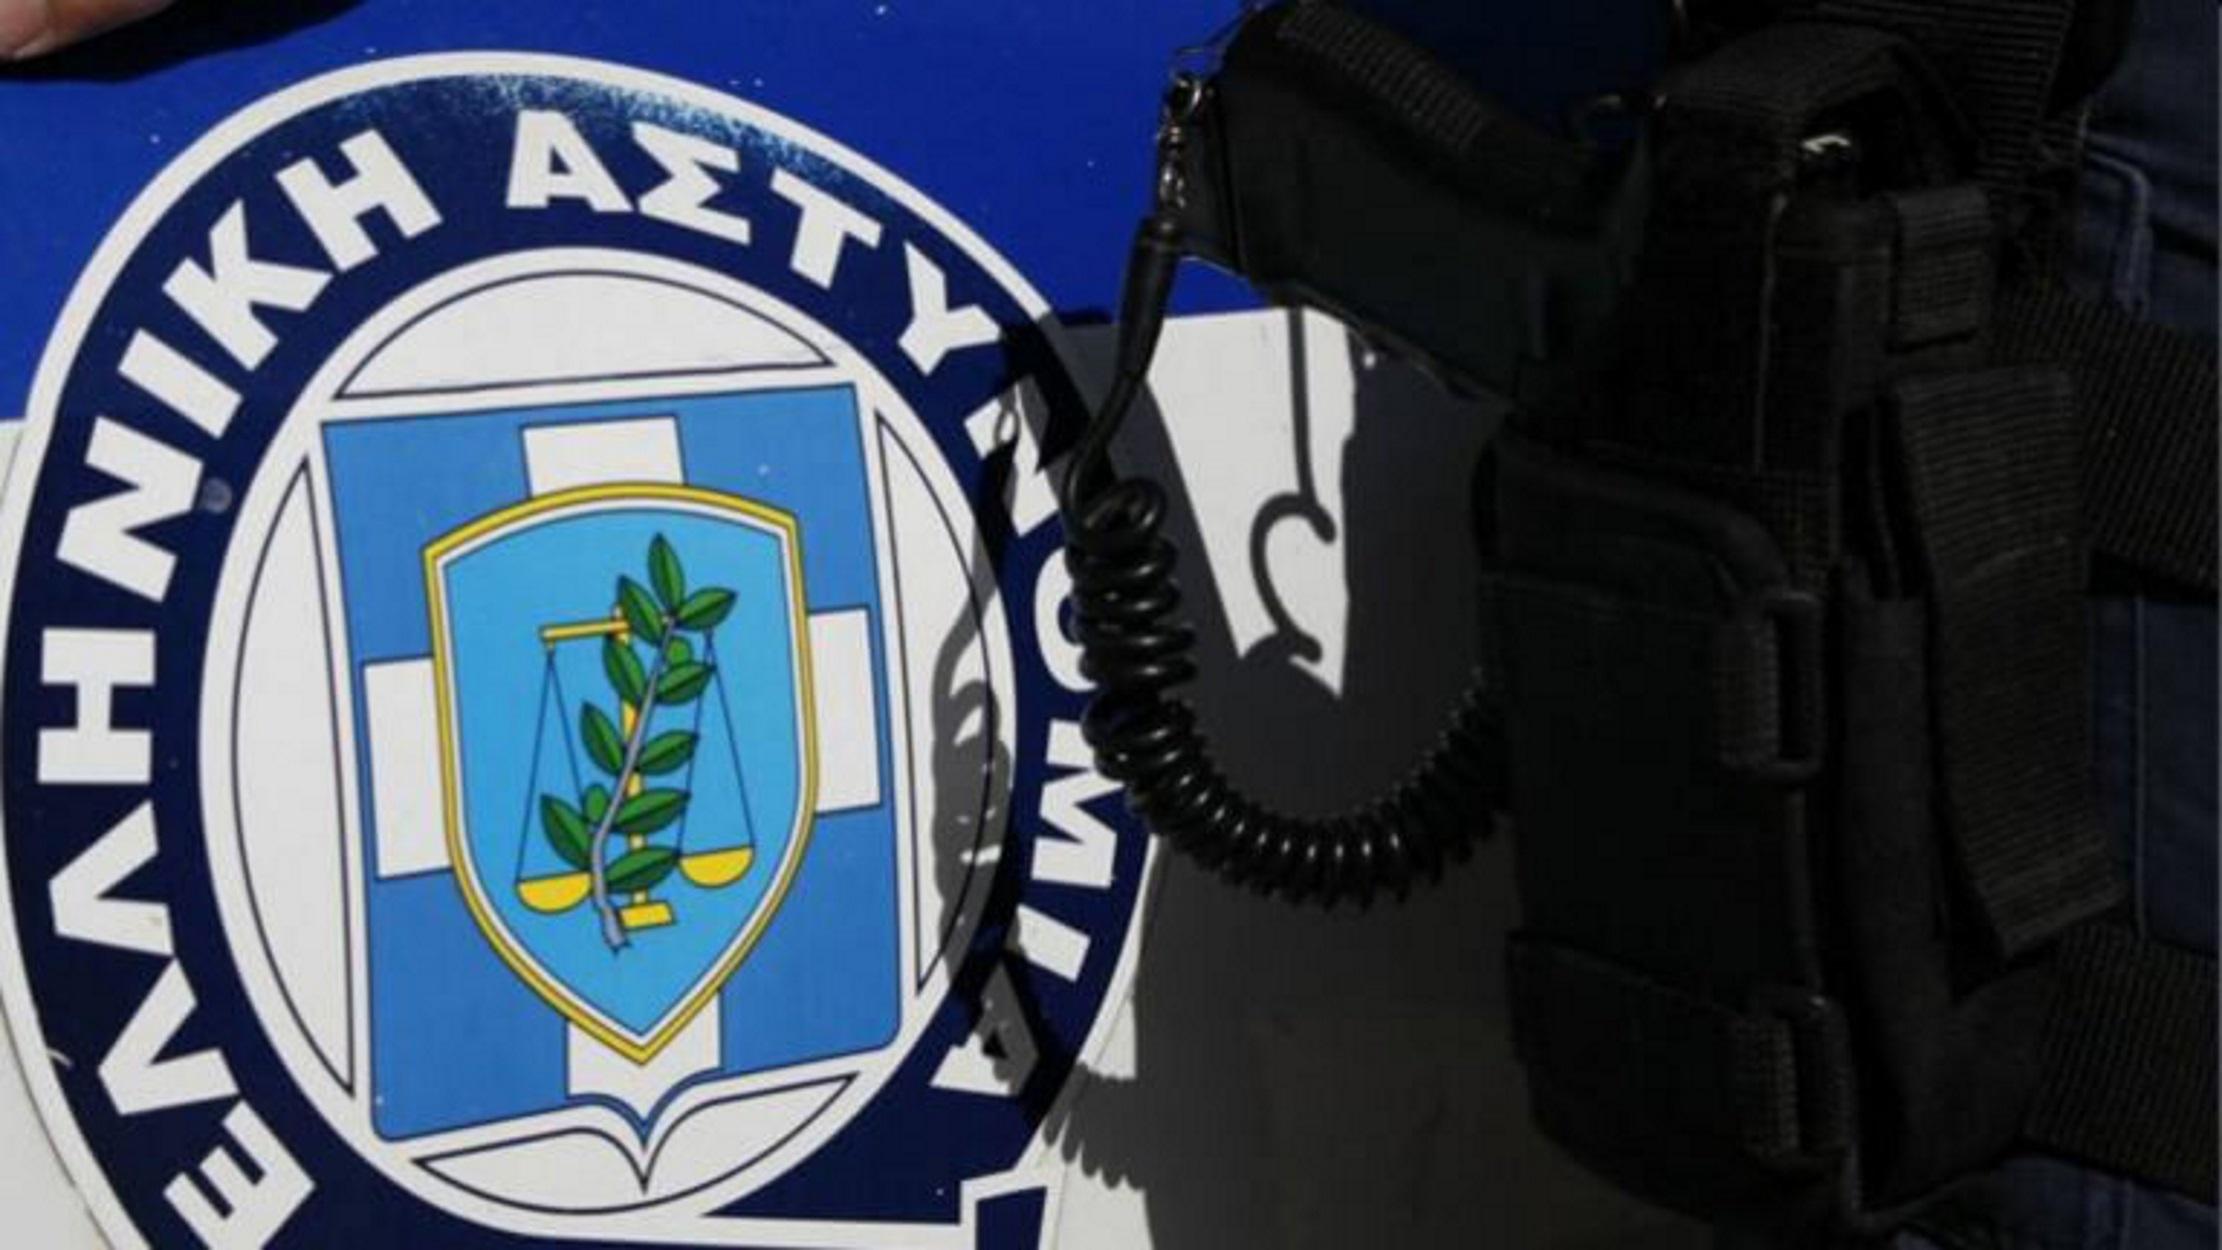 Οδηγοί συνελήφθησαν χωρίς διπλώματα σε Ναύπακτο-Ιόνια Οδό